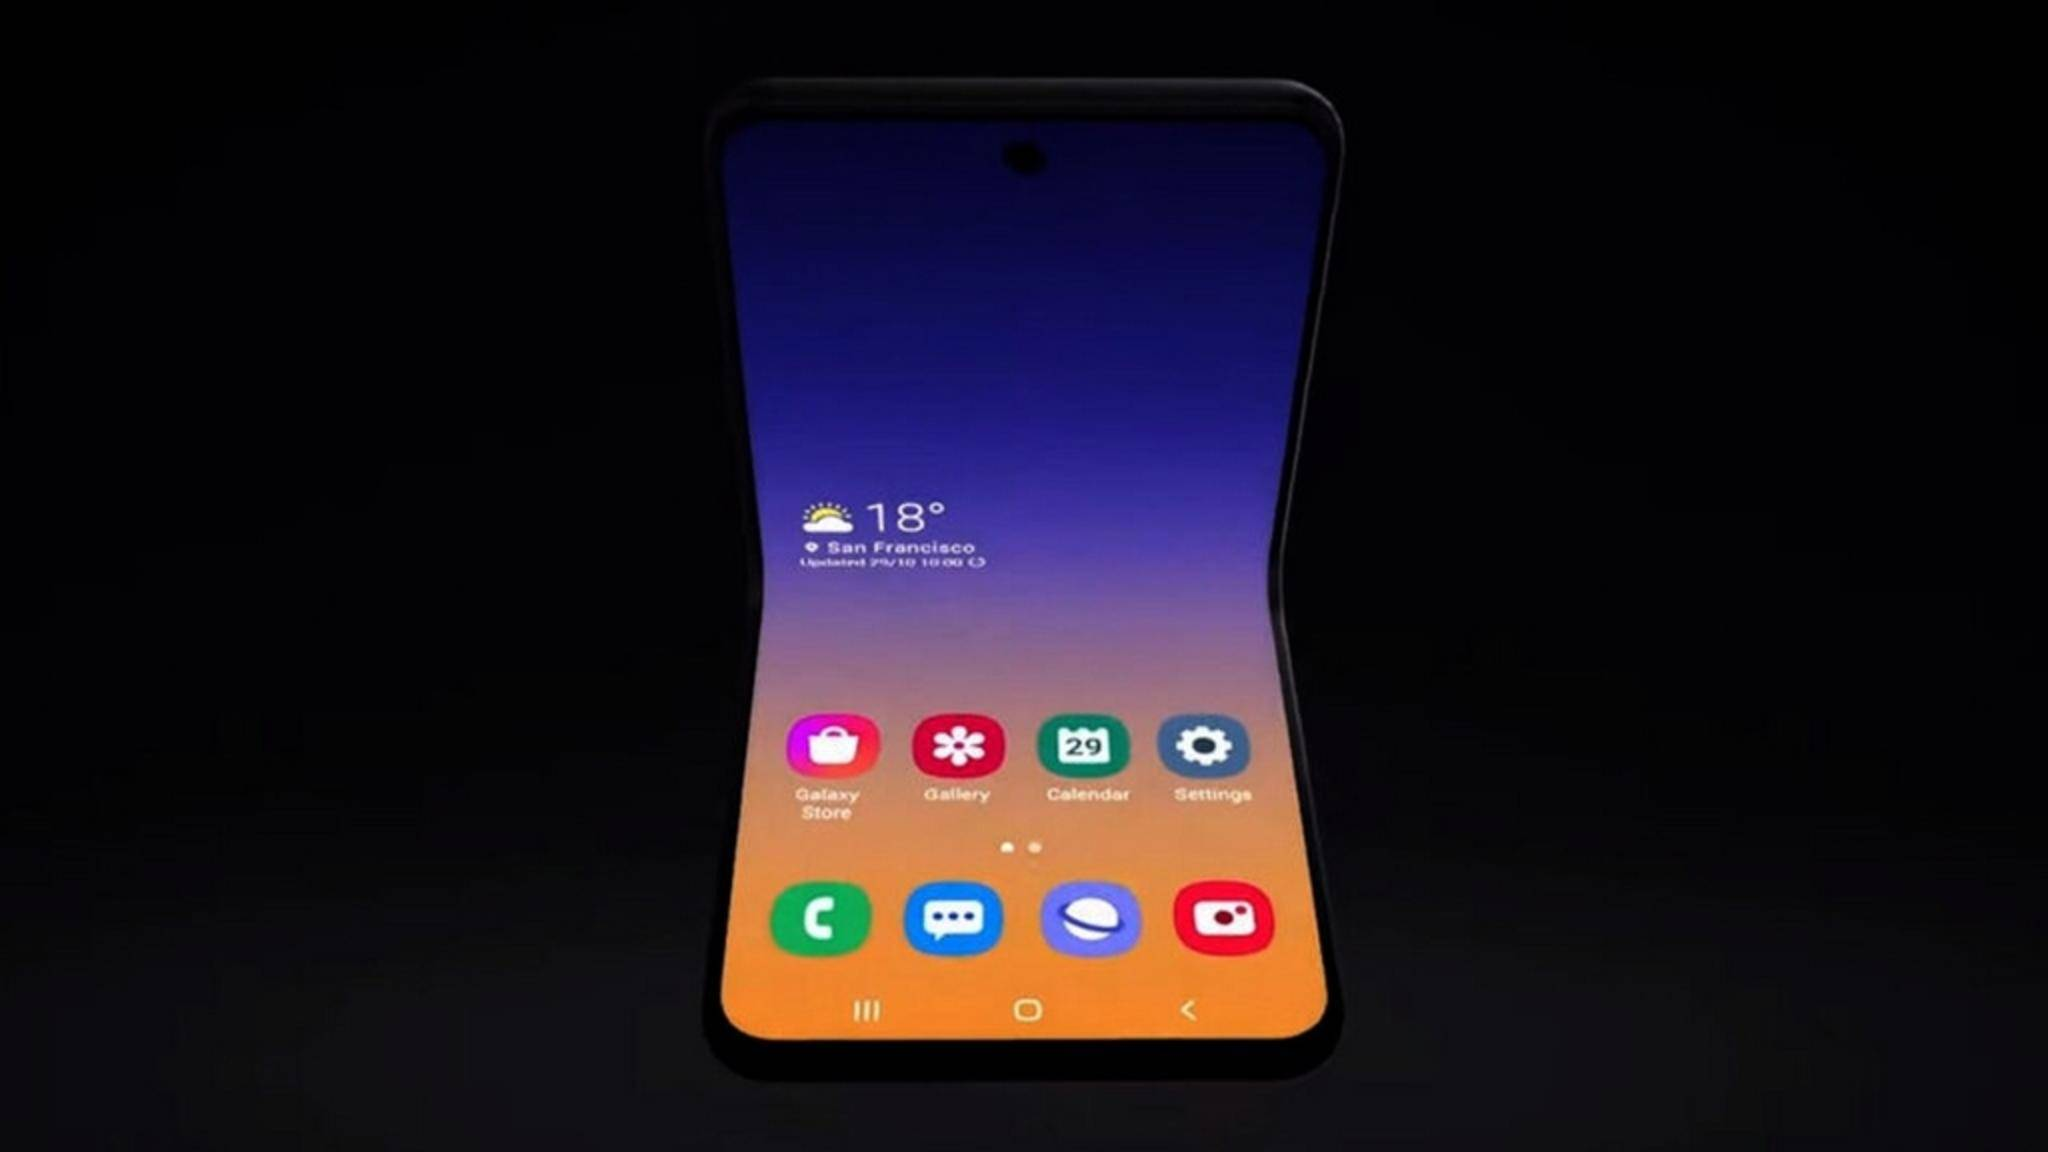 Sieht so das Samsung Galaxy Fold 2 aus?